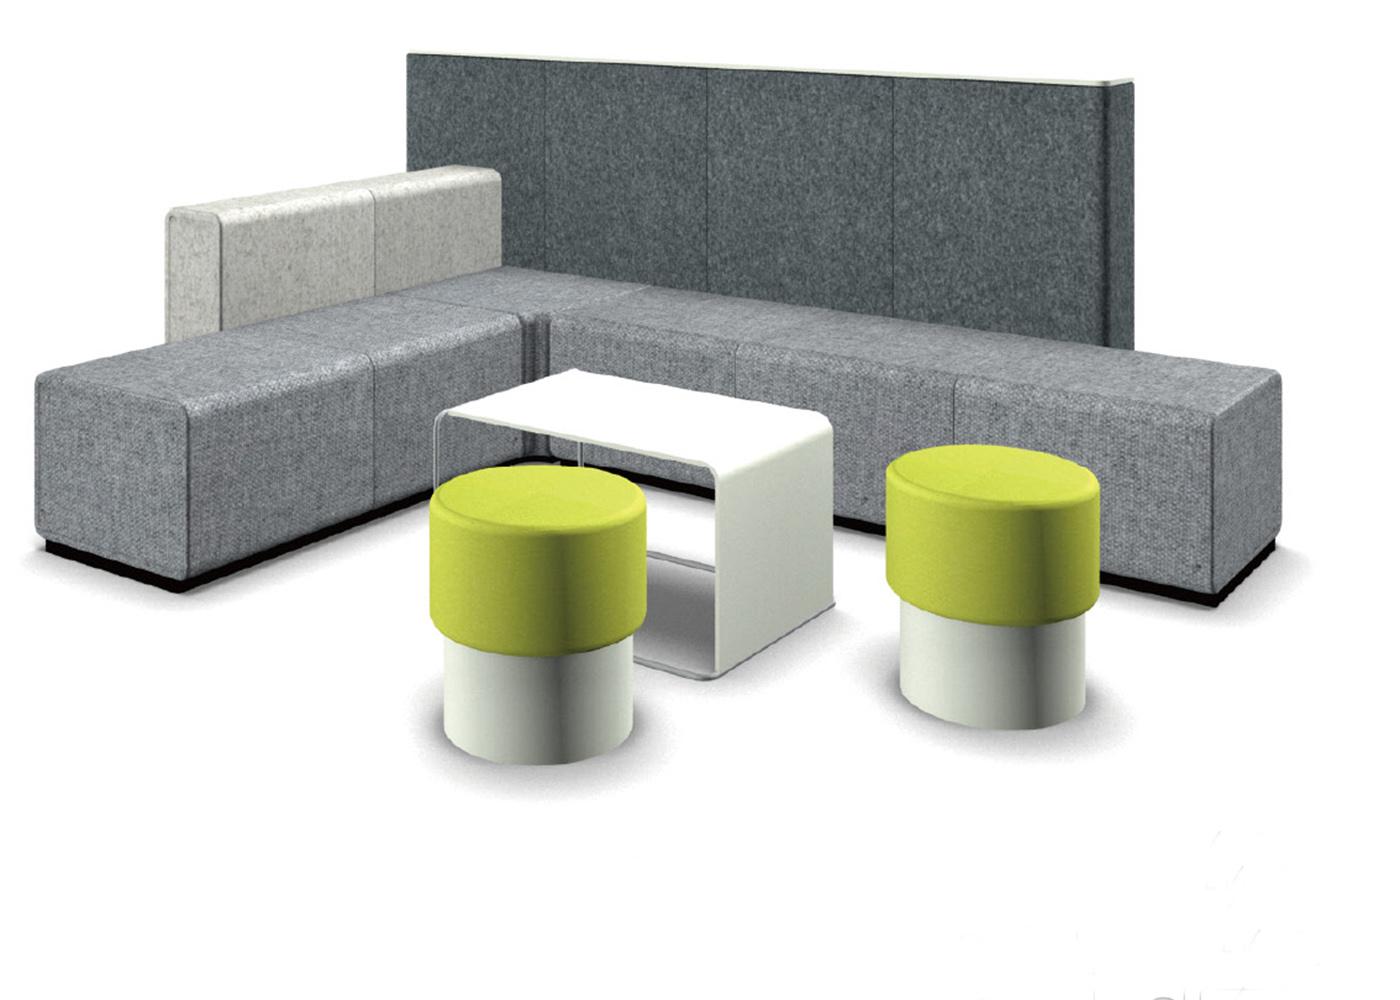 爱纳斯休闲沙发A22,上海休闲沙发,【尺寸 价格 图片 品牌】